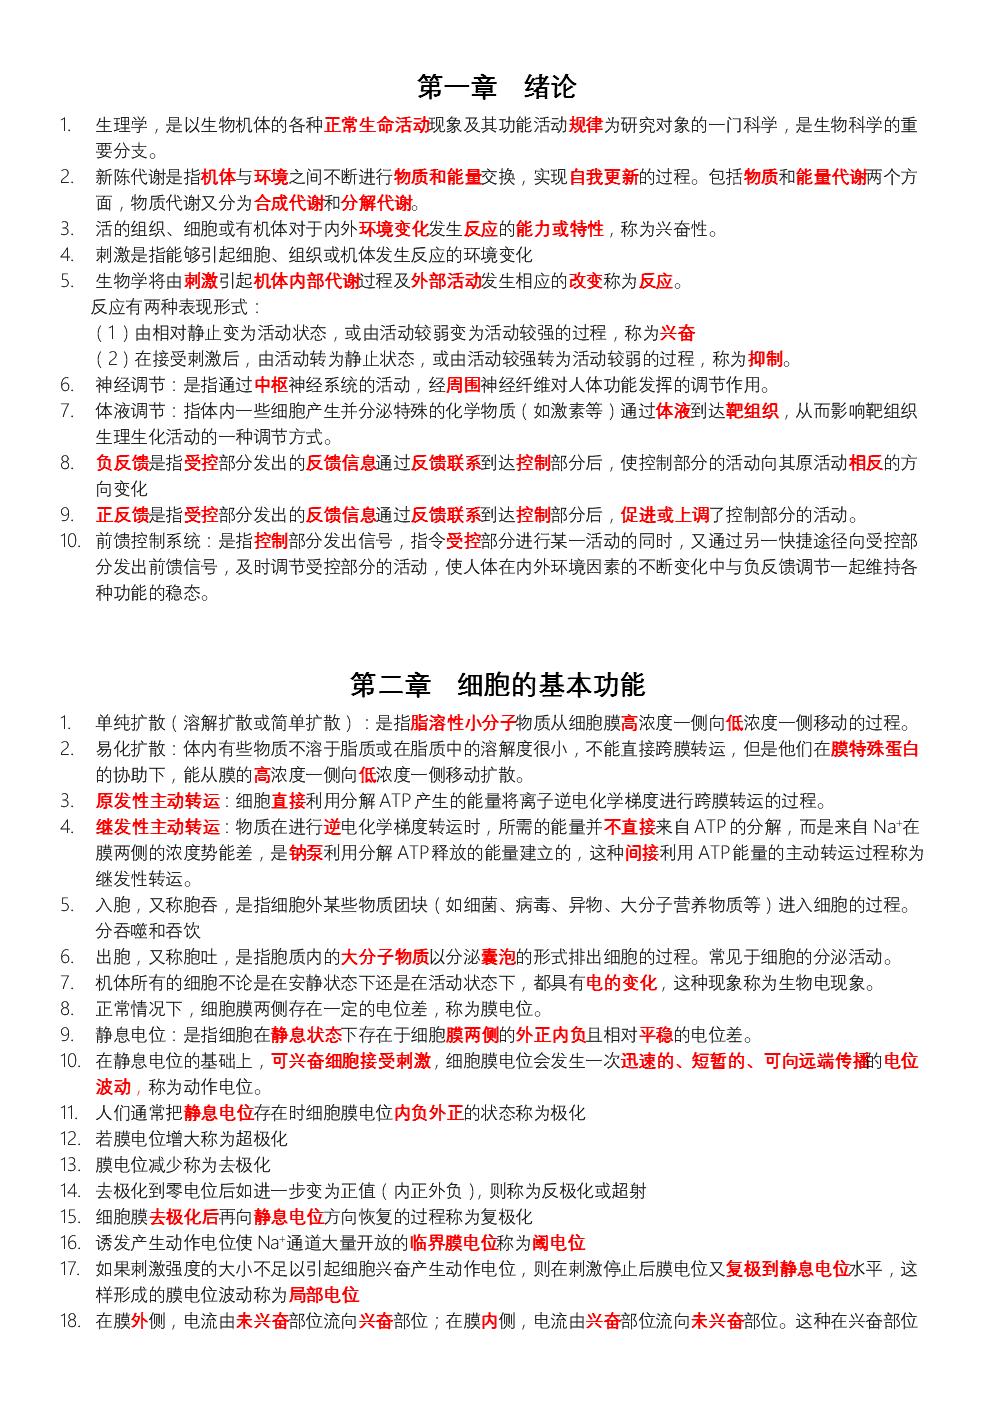 山东中医药大学生理学名词解释.docx